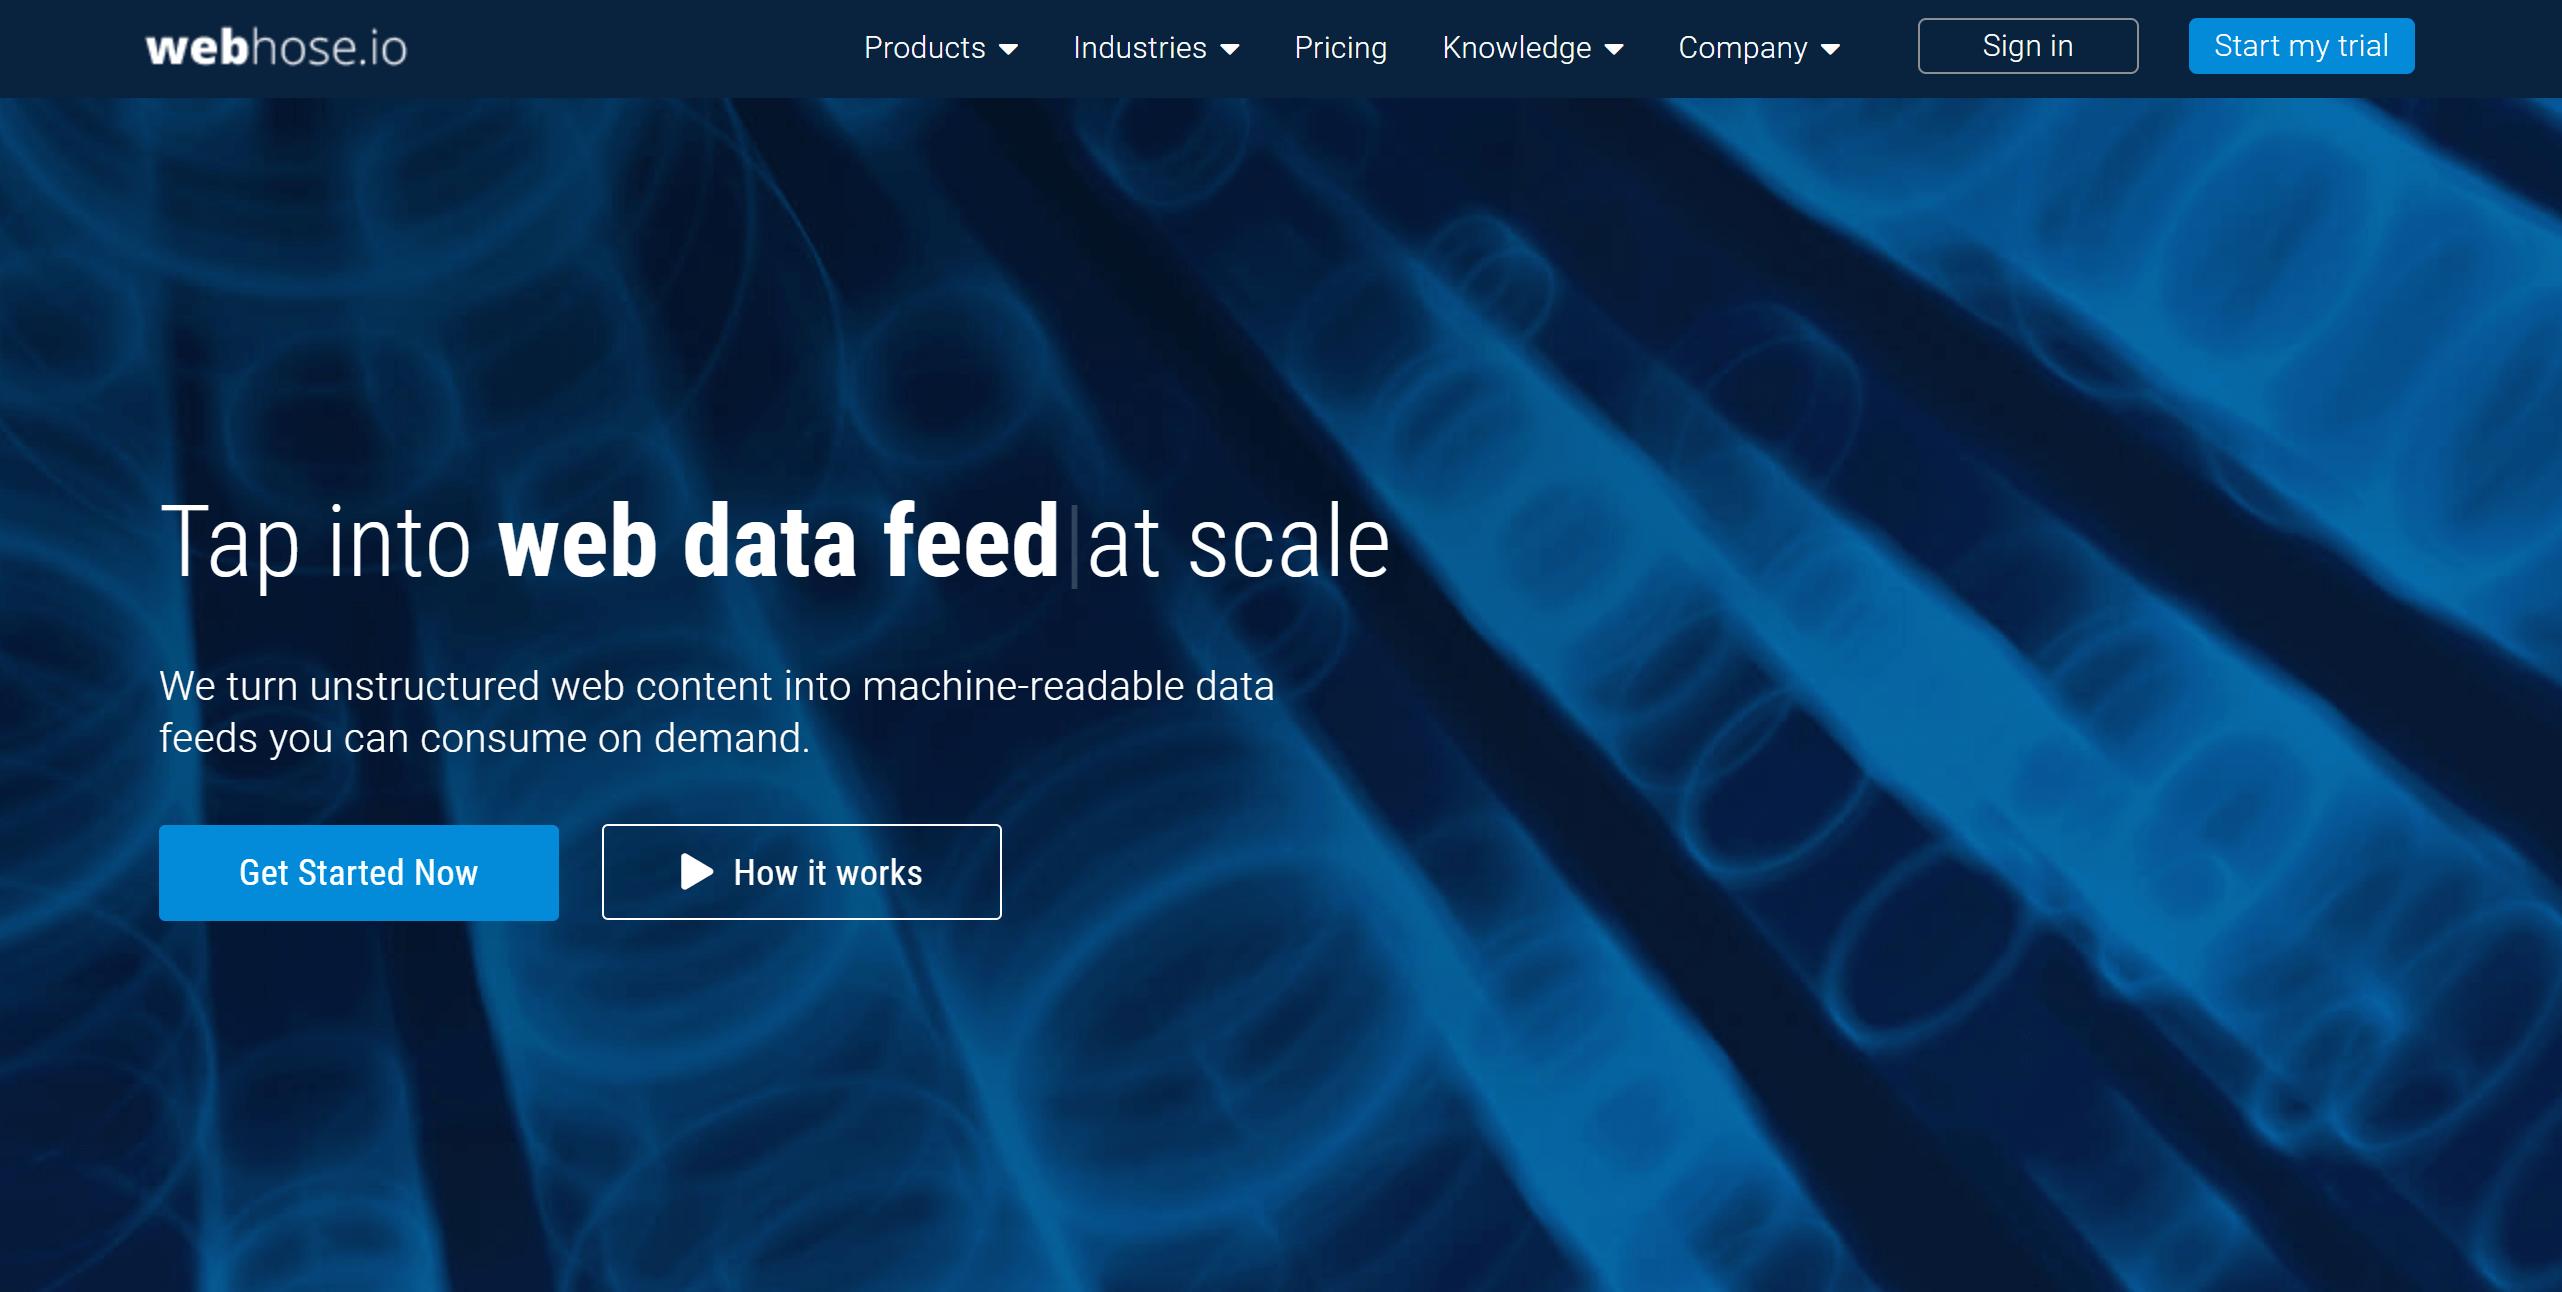 Webhose data